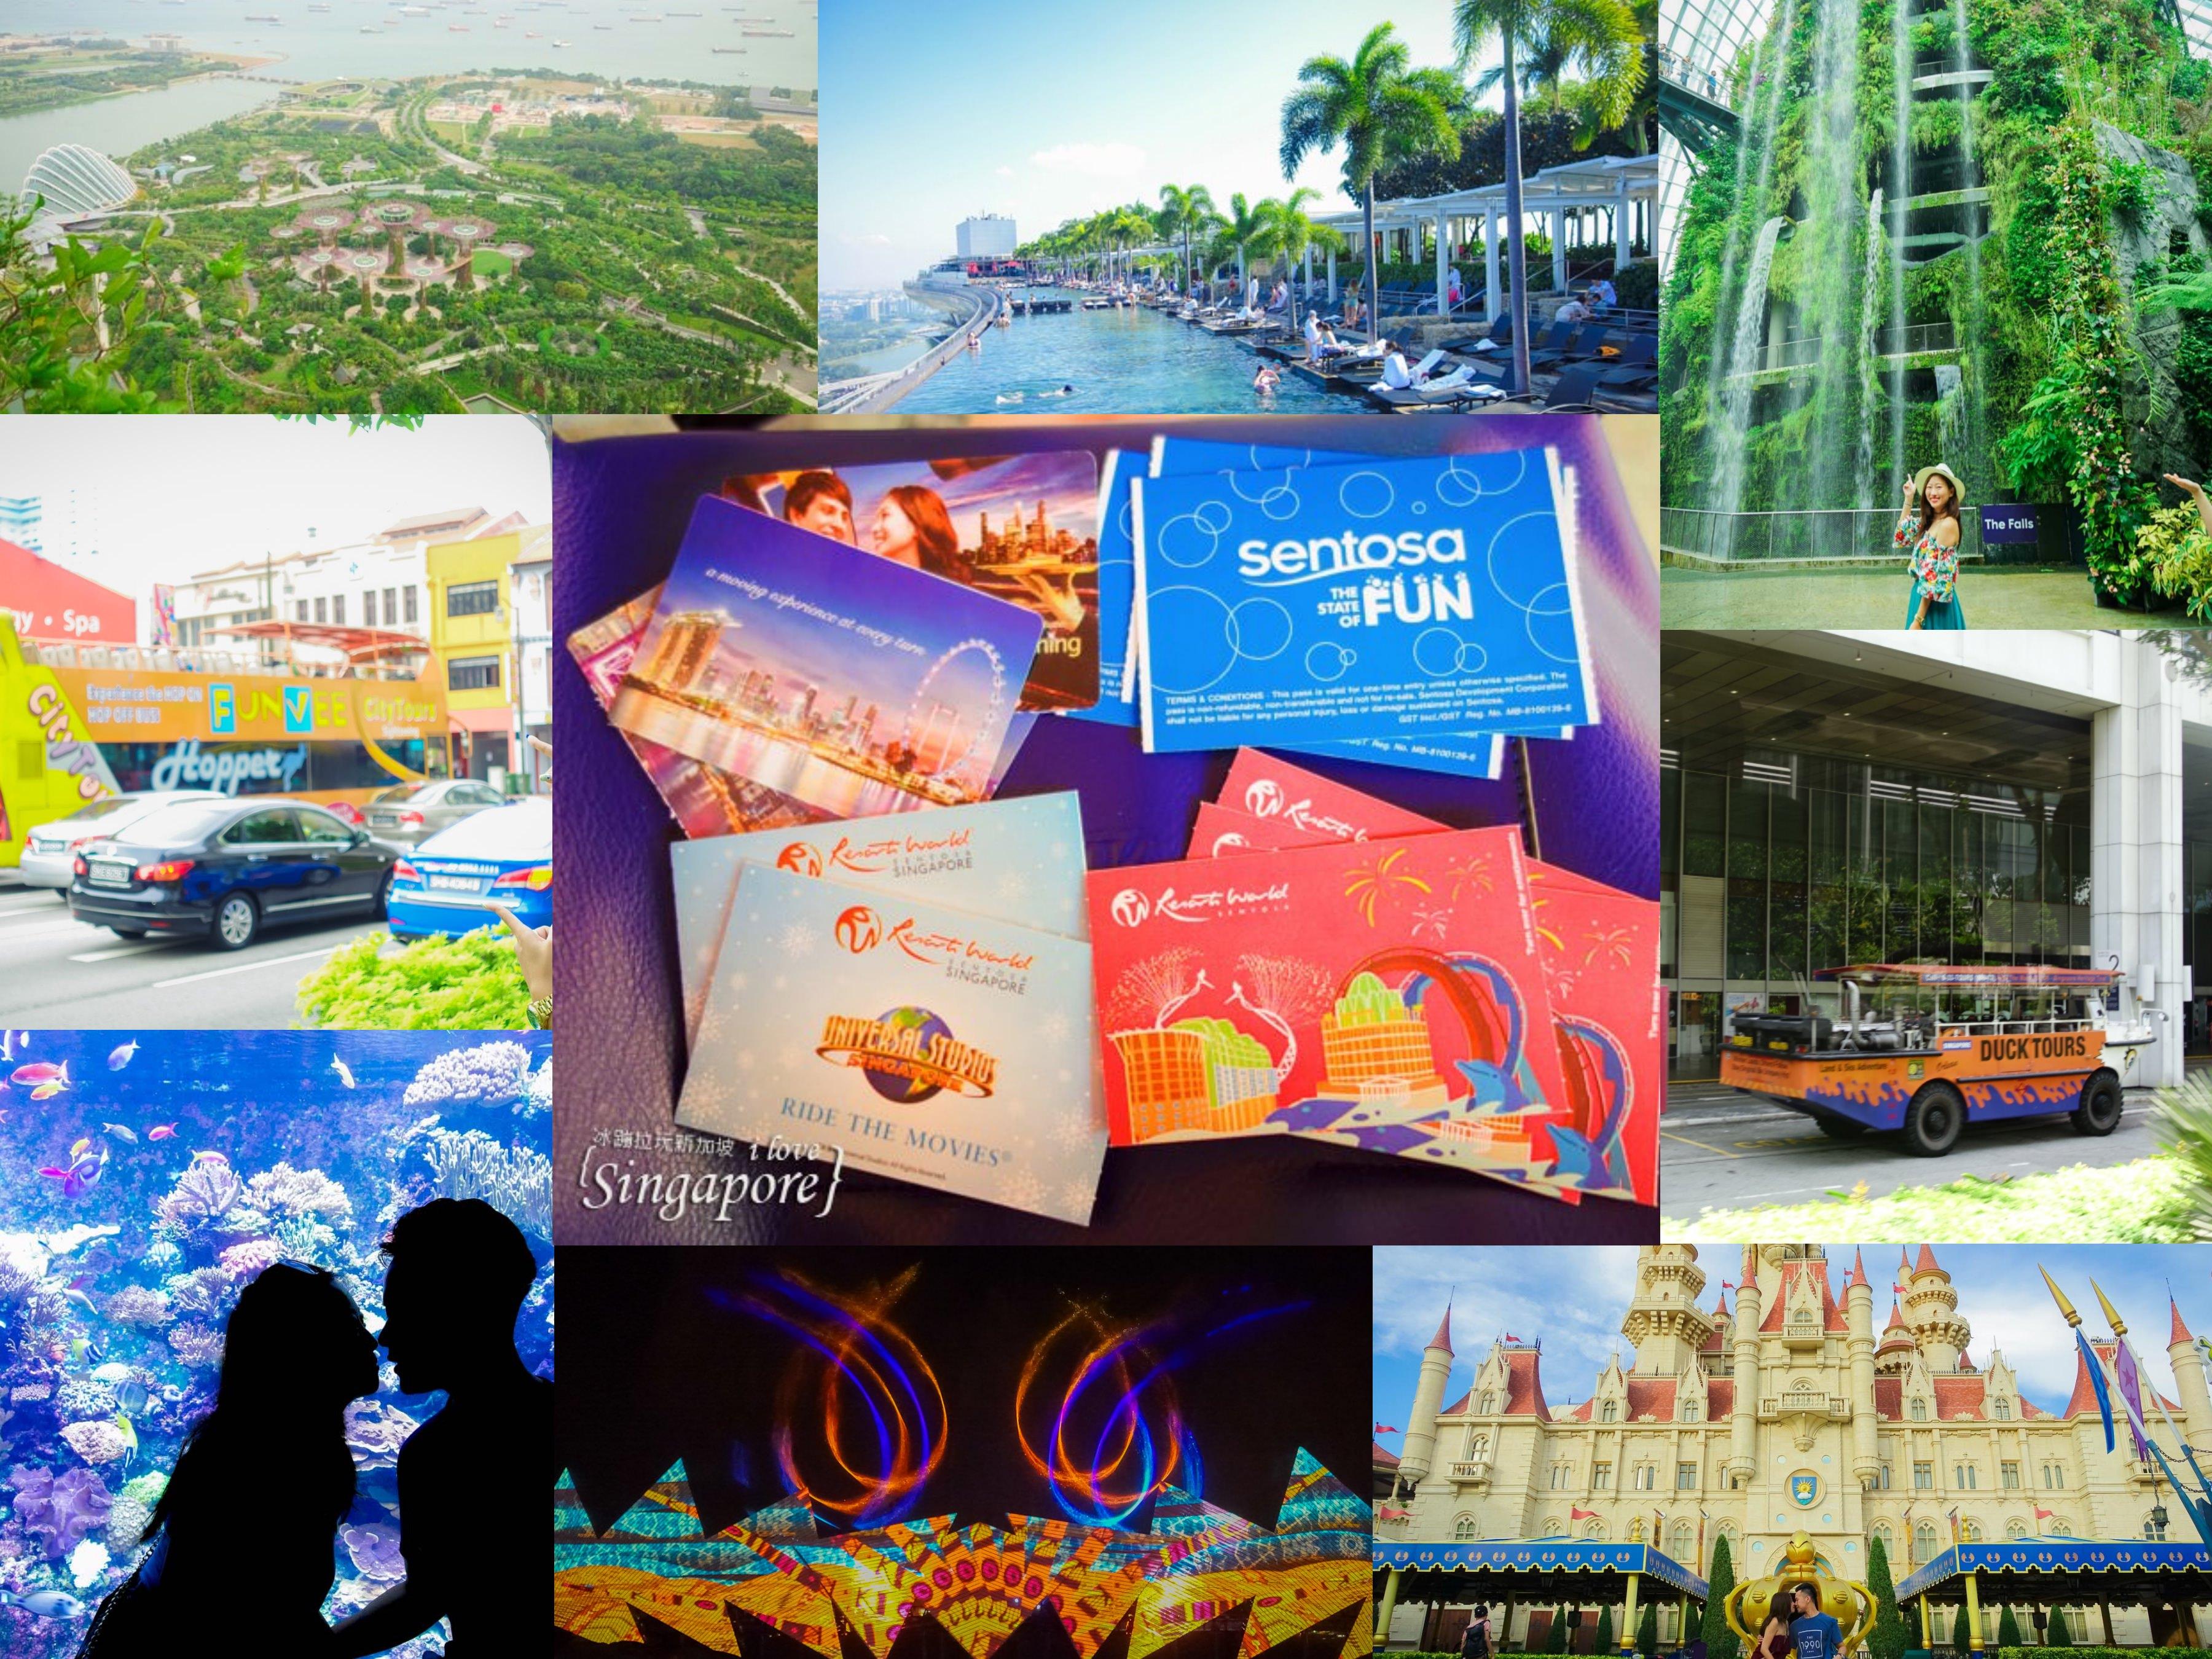 新加坡自由行,新加坡好玩,新加坡景點,新加坡城市通行卷,新加坡門票,新加坡住宿,新加坡飯店